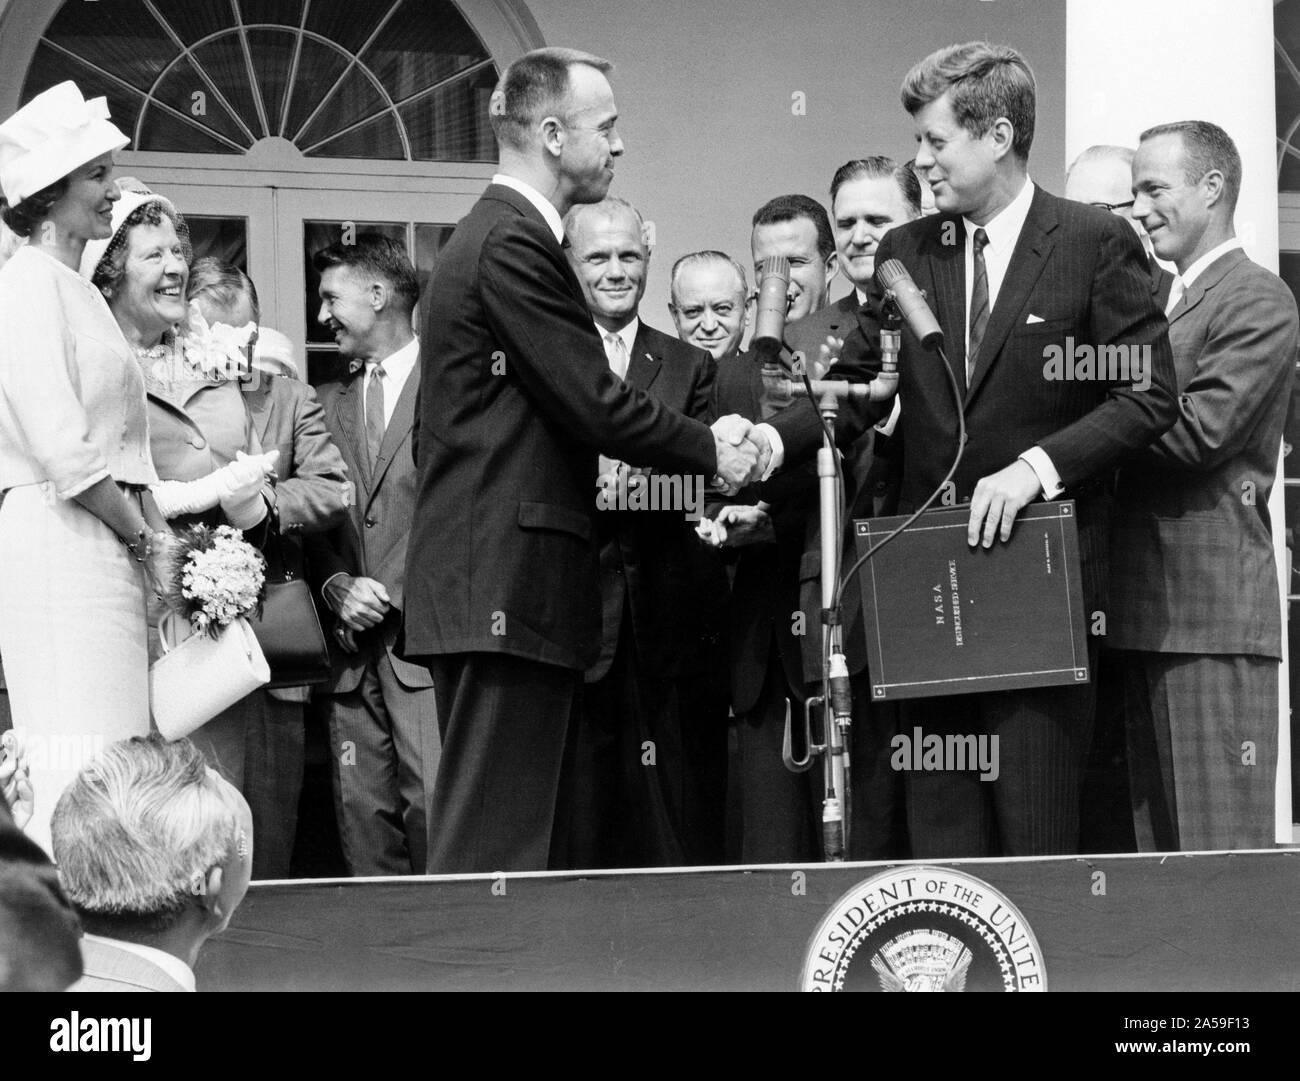 Astronaut Alan B. Shepard, Jr. erhält die NASA Distinguished Service Award von United States Präsident John F. Kennedy Mai 8, 1961, Tage nach seiner Geschichte, Herr-3 Flug. Shepard's Frau und Mutter auf der linken und die anderen sechs Mercury Astronauten sind im Hintergrund. Stockfoto